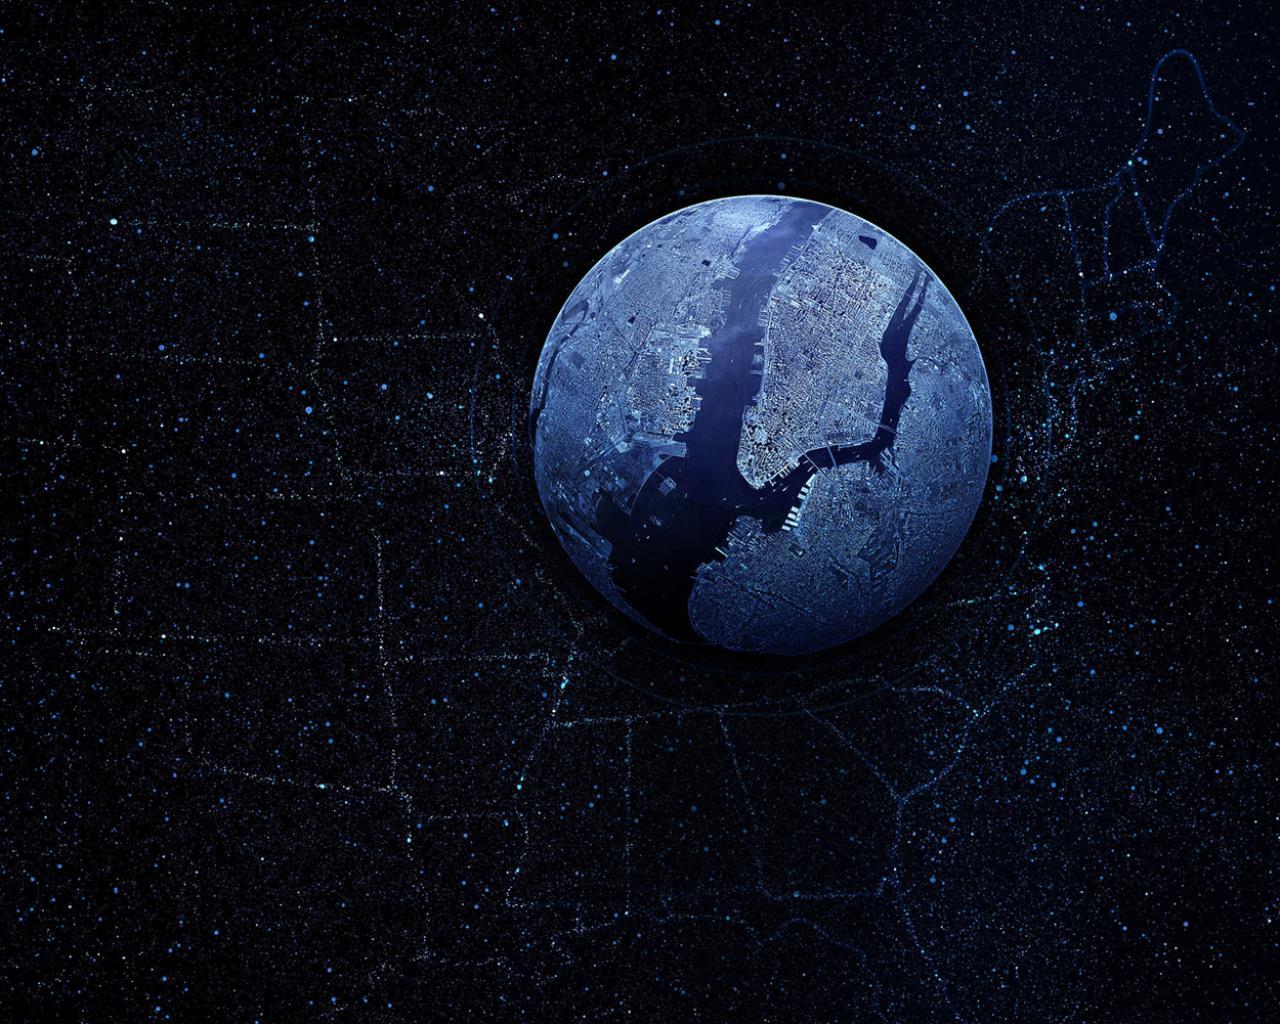 снимки планеты земля из космоса